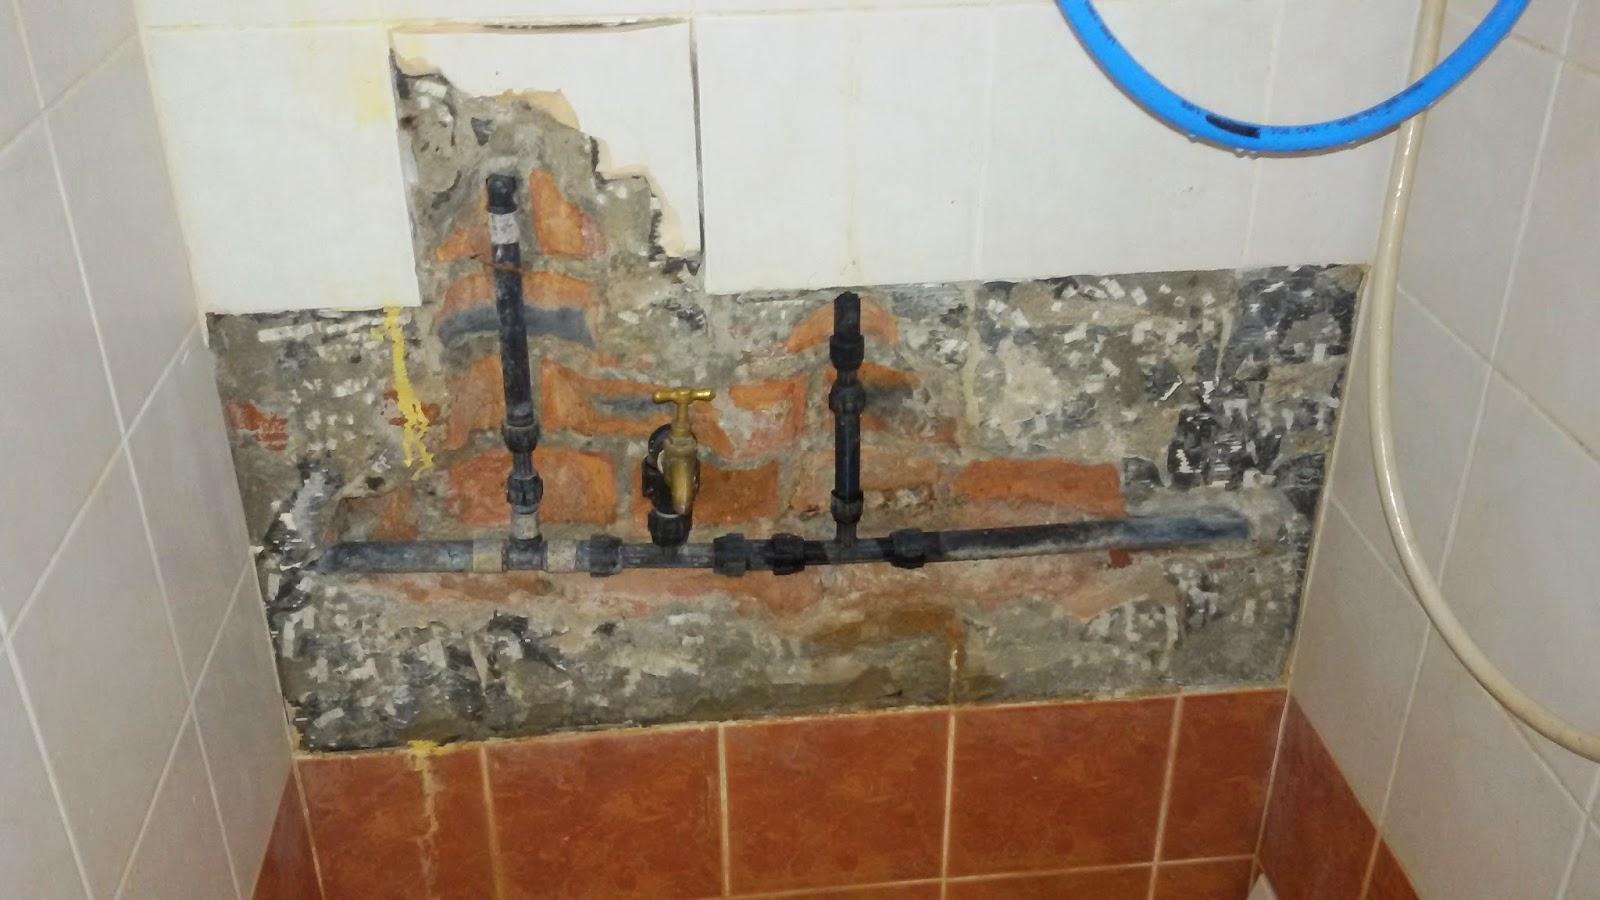 Inilah Puncanya Aku Rasa Bebudak Tak Mandi Dalam Bilik Air Diorang Tile Ini Terpaksa Dipecahkan Sebab Paip Bocor Huhuhu Dah Ok Tapi Nak Cari